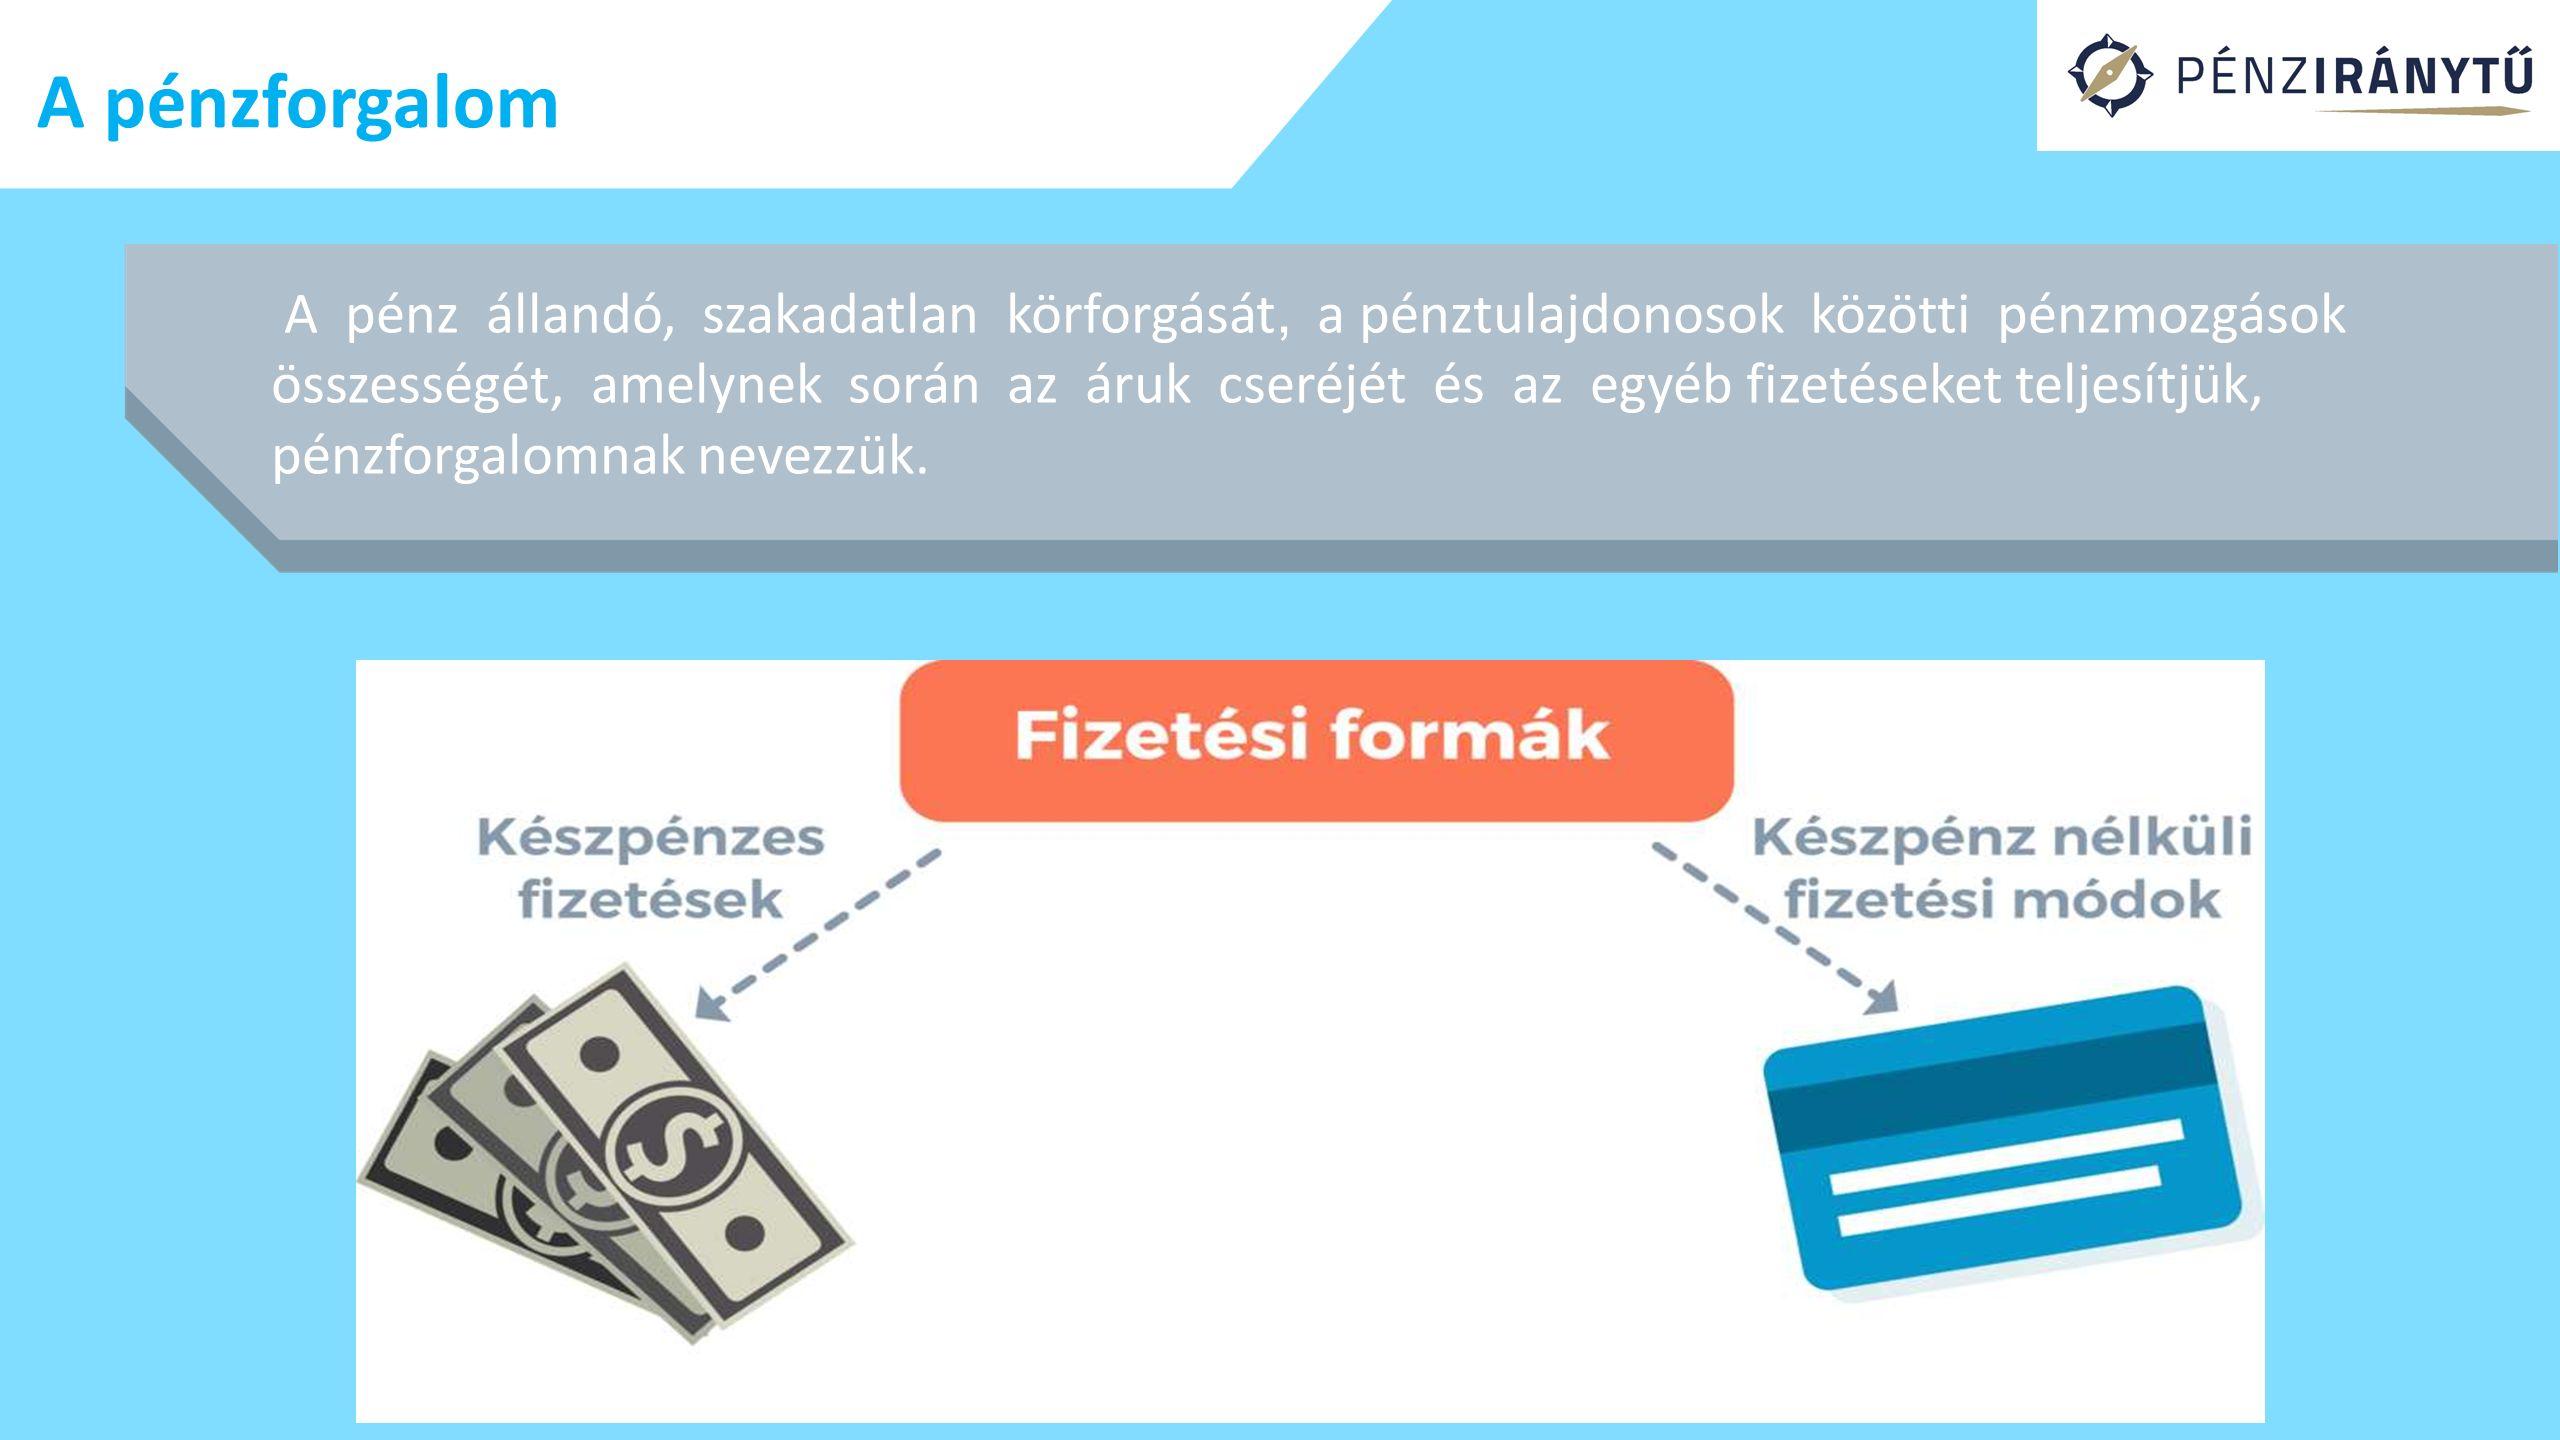 A pénzforgalom